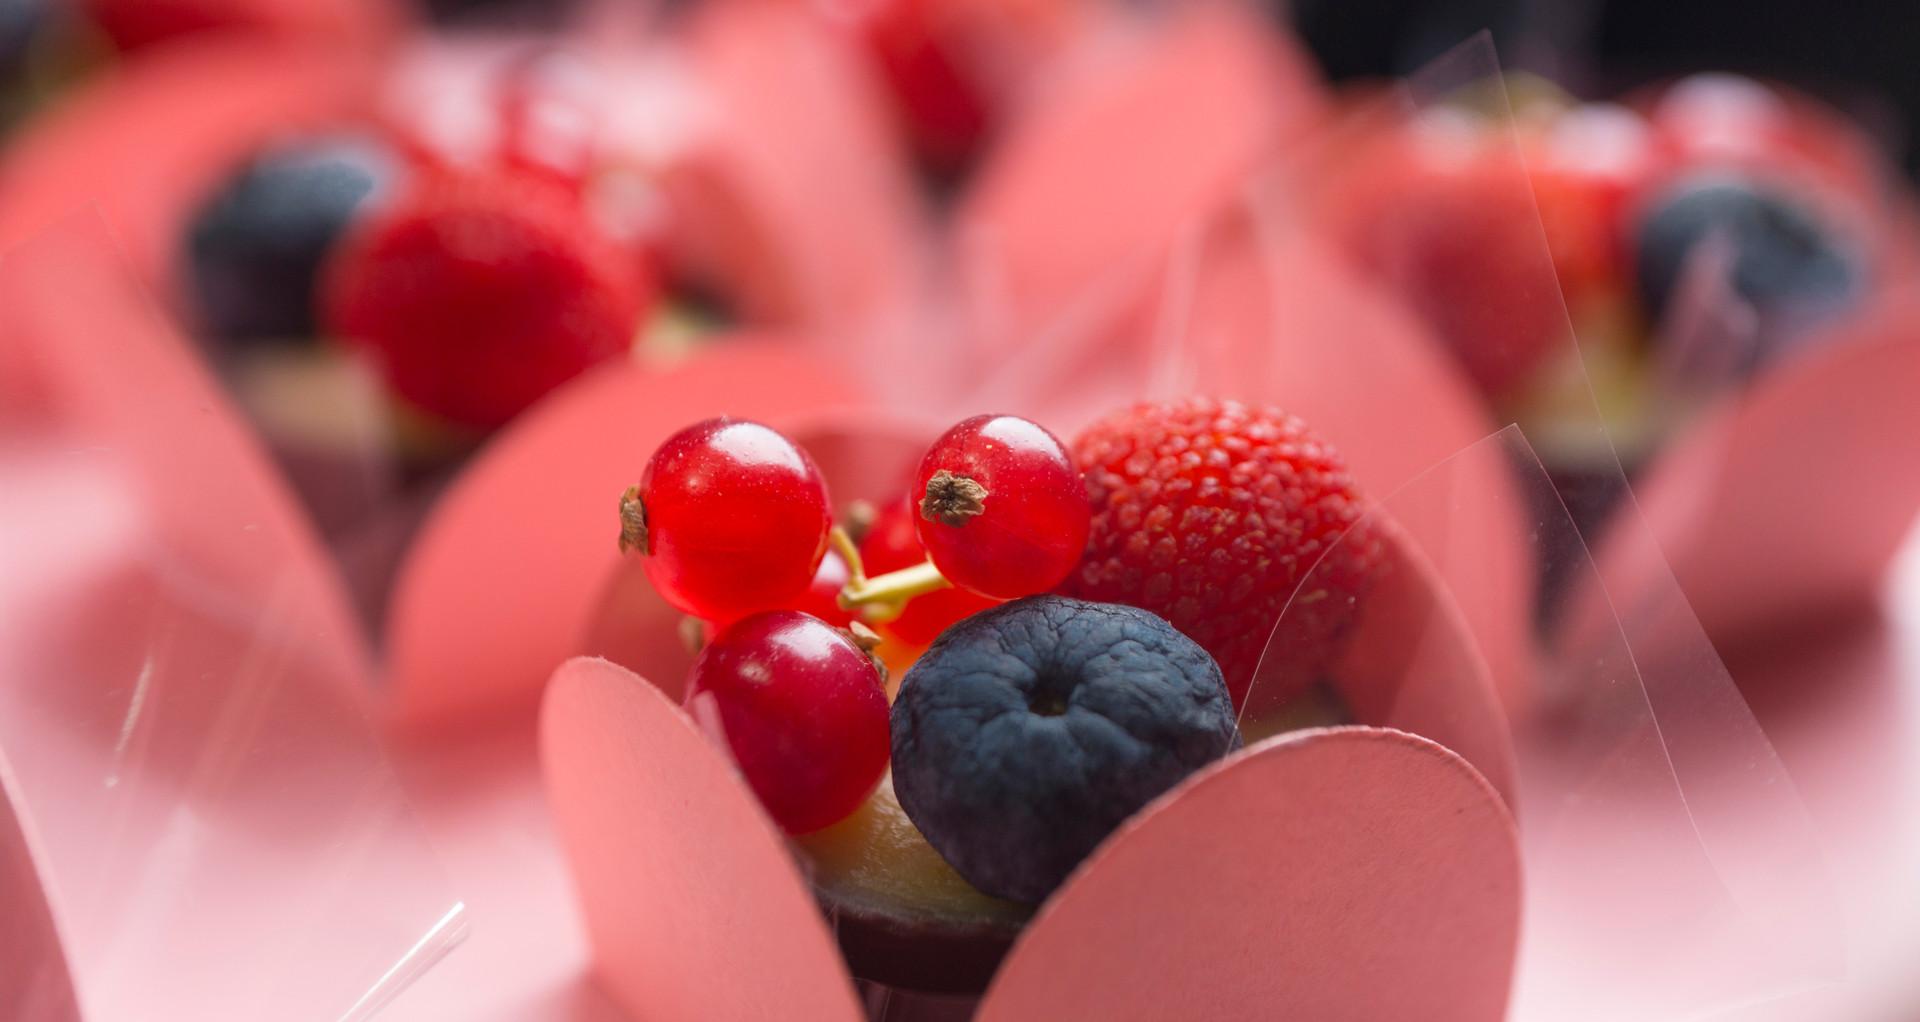 Caixinha de chocolate com frutas vermelhas